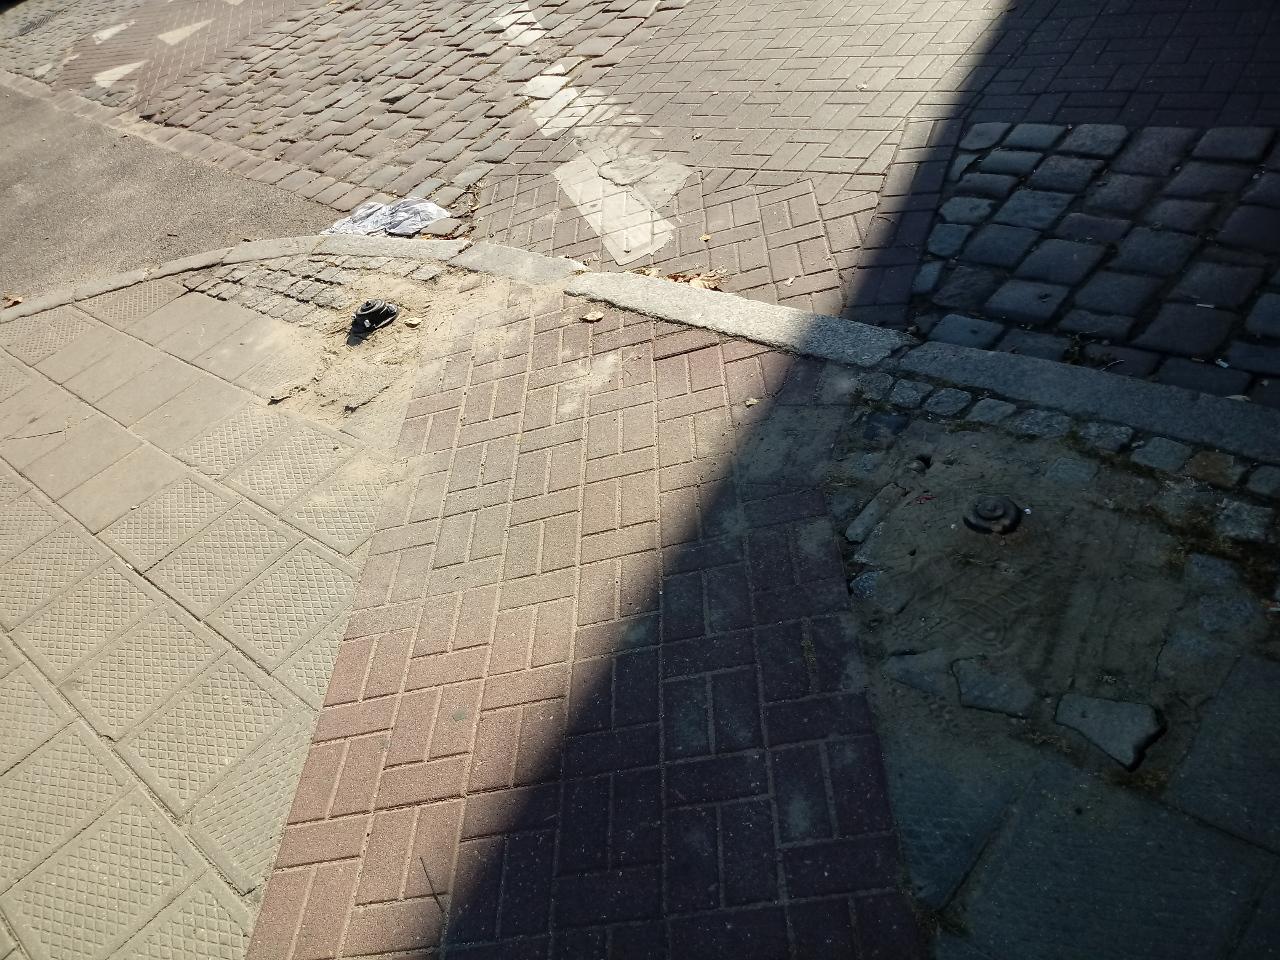 Ulica Wielka Poznań dewastacja słupków nielegalne parkowanie